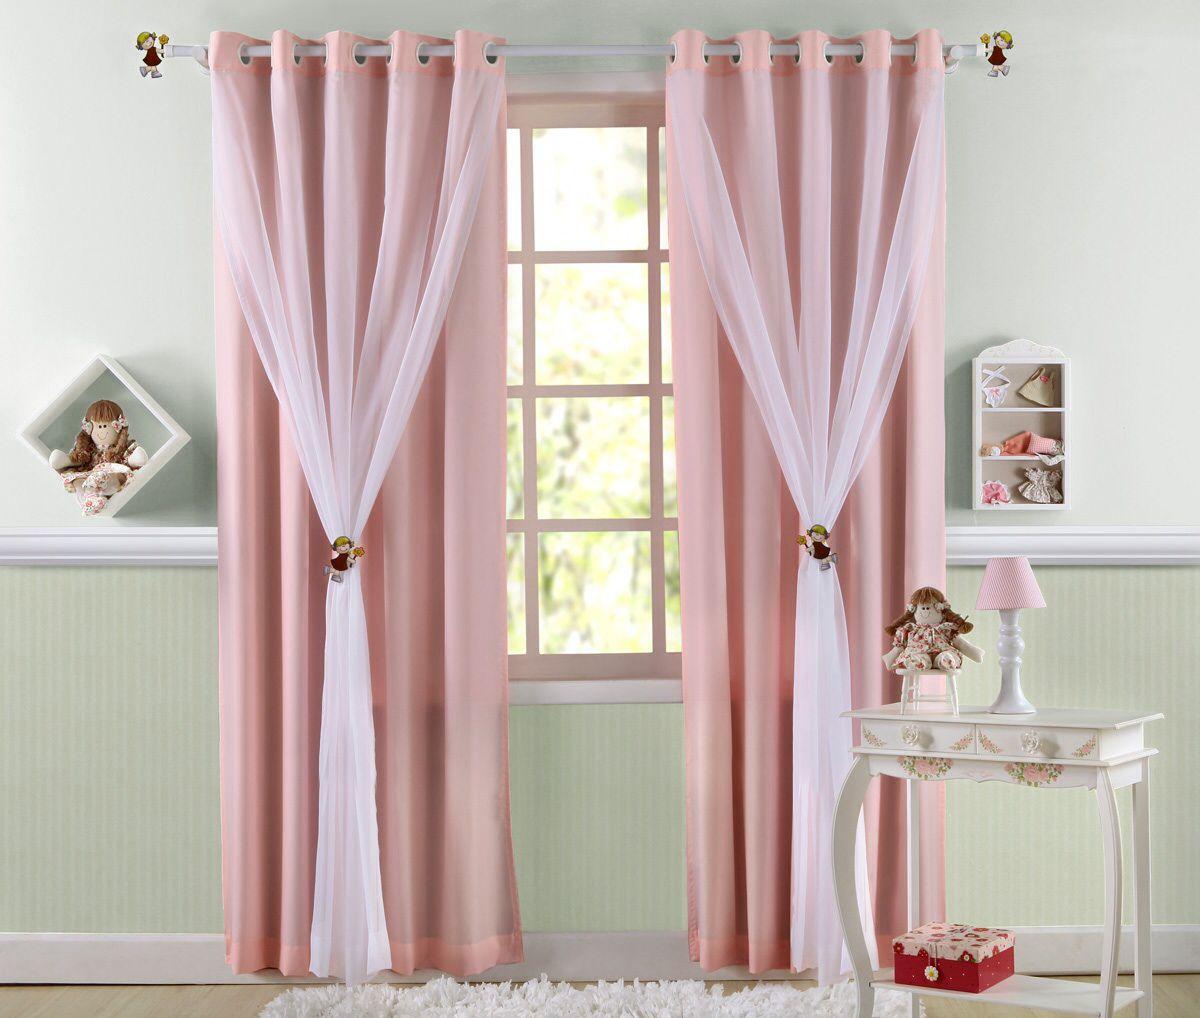 Cortina infantil rosa decoraci n pinterest cortinas for Cortinas baratas para habitacion